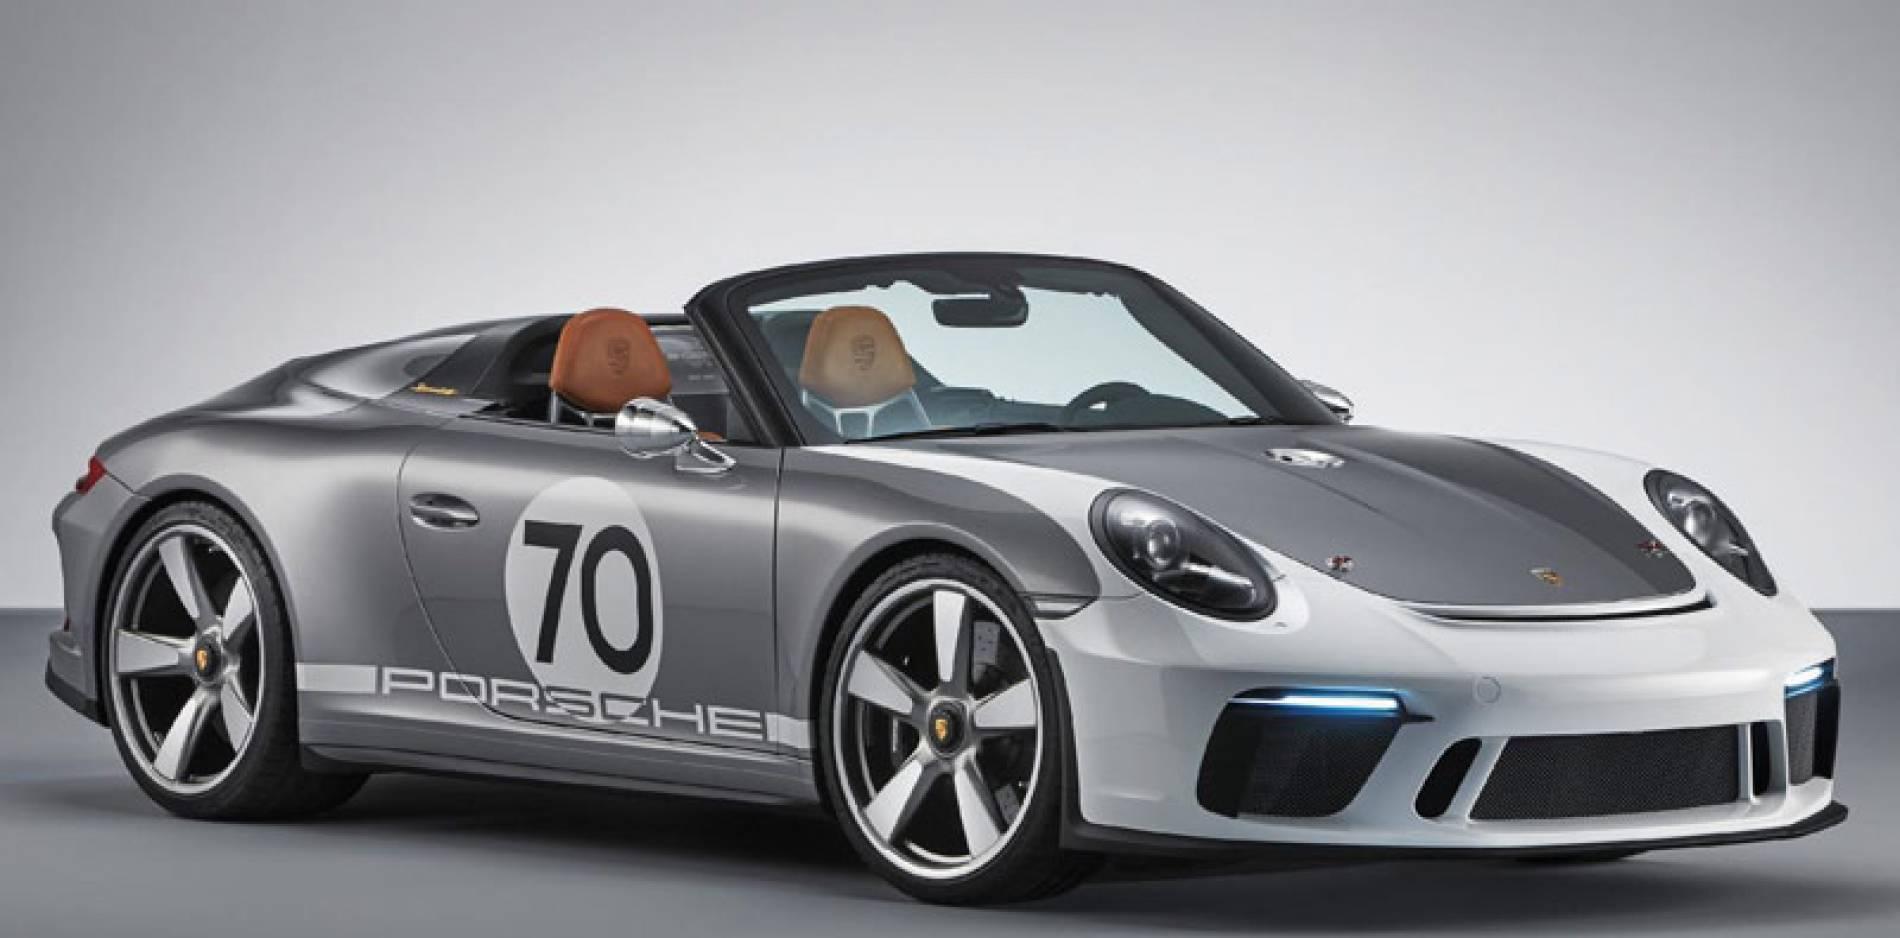 Porsche 911 Speedster Concept, la alemana impresiona en su 70 aniversario